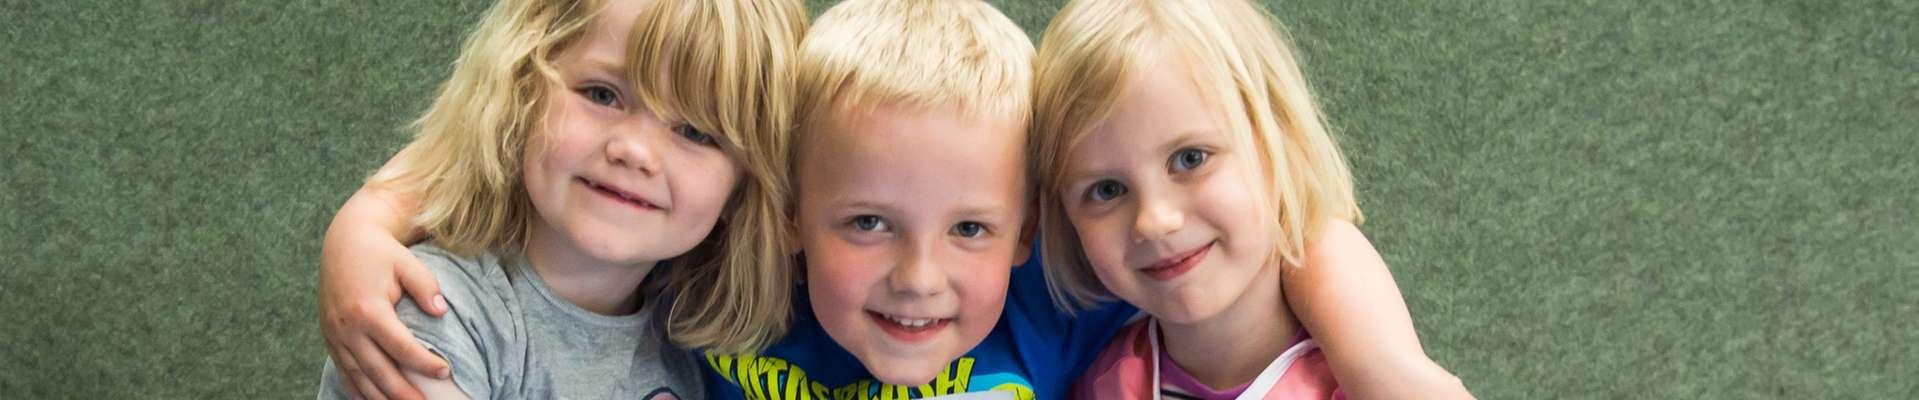 Headerbild NRW bewegt seine KINDER! Drei lachende Kinder